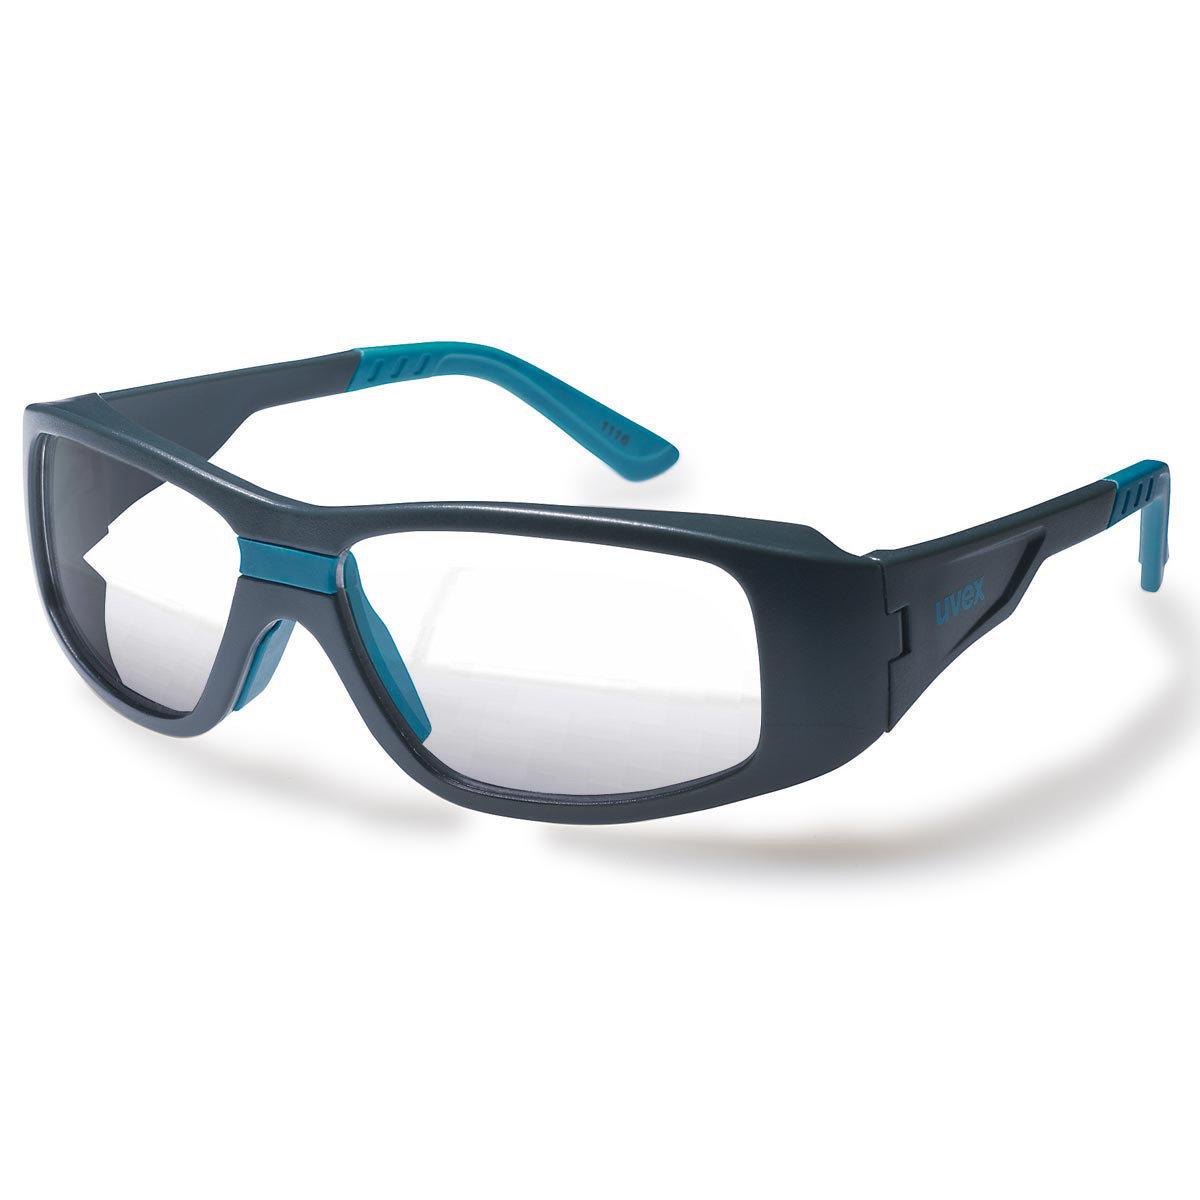 Uvex Korrektionsschutzbrille RX sp 5519 - Super-Entspiegelung